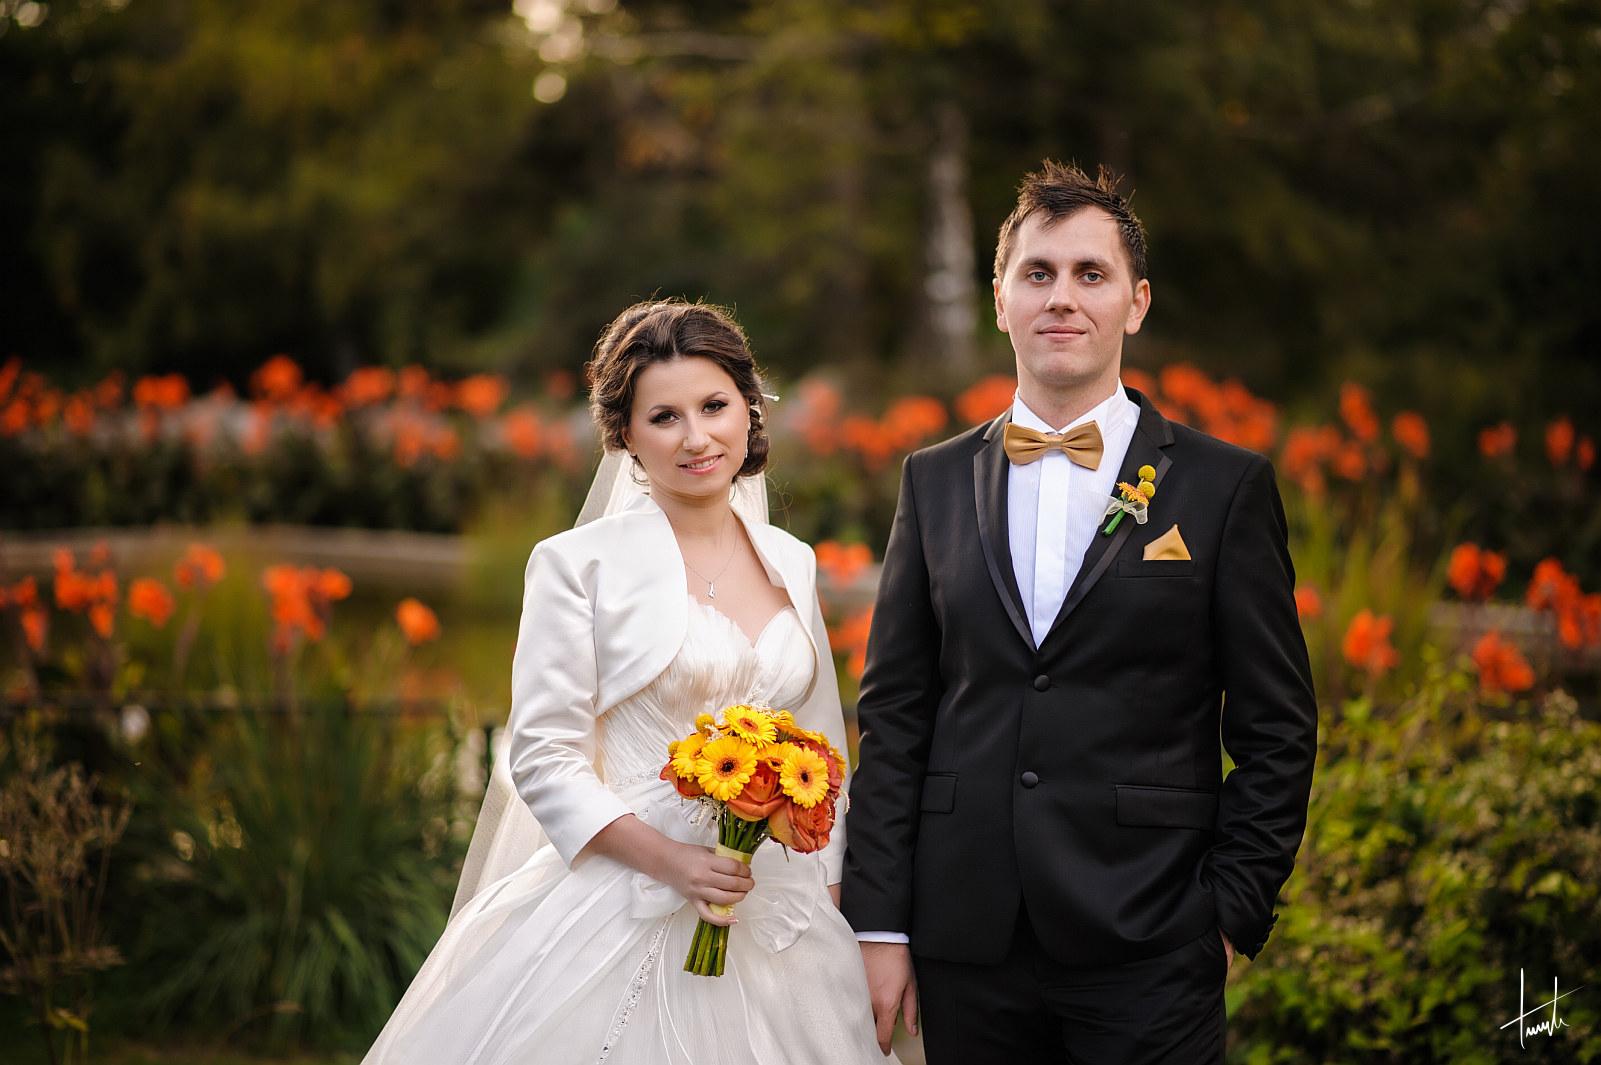 fotograf nunta iasi - Bogdan Terente - Irina Iulian 03